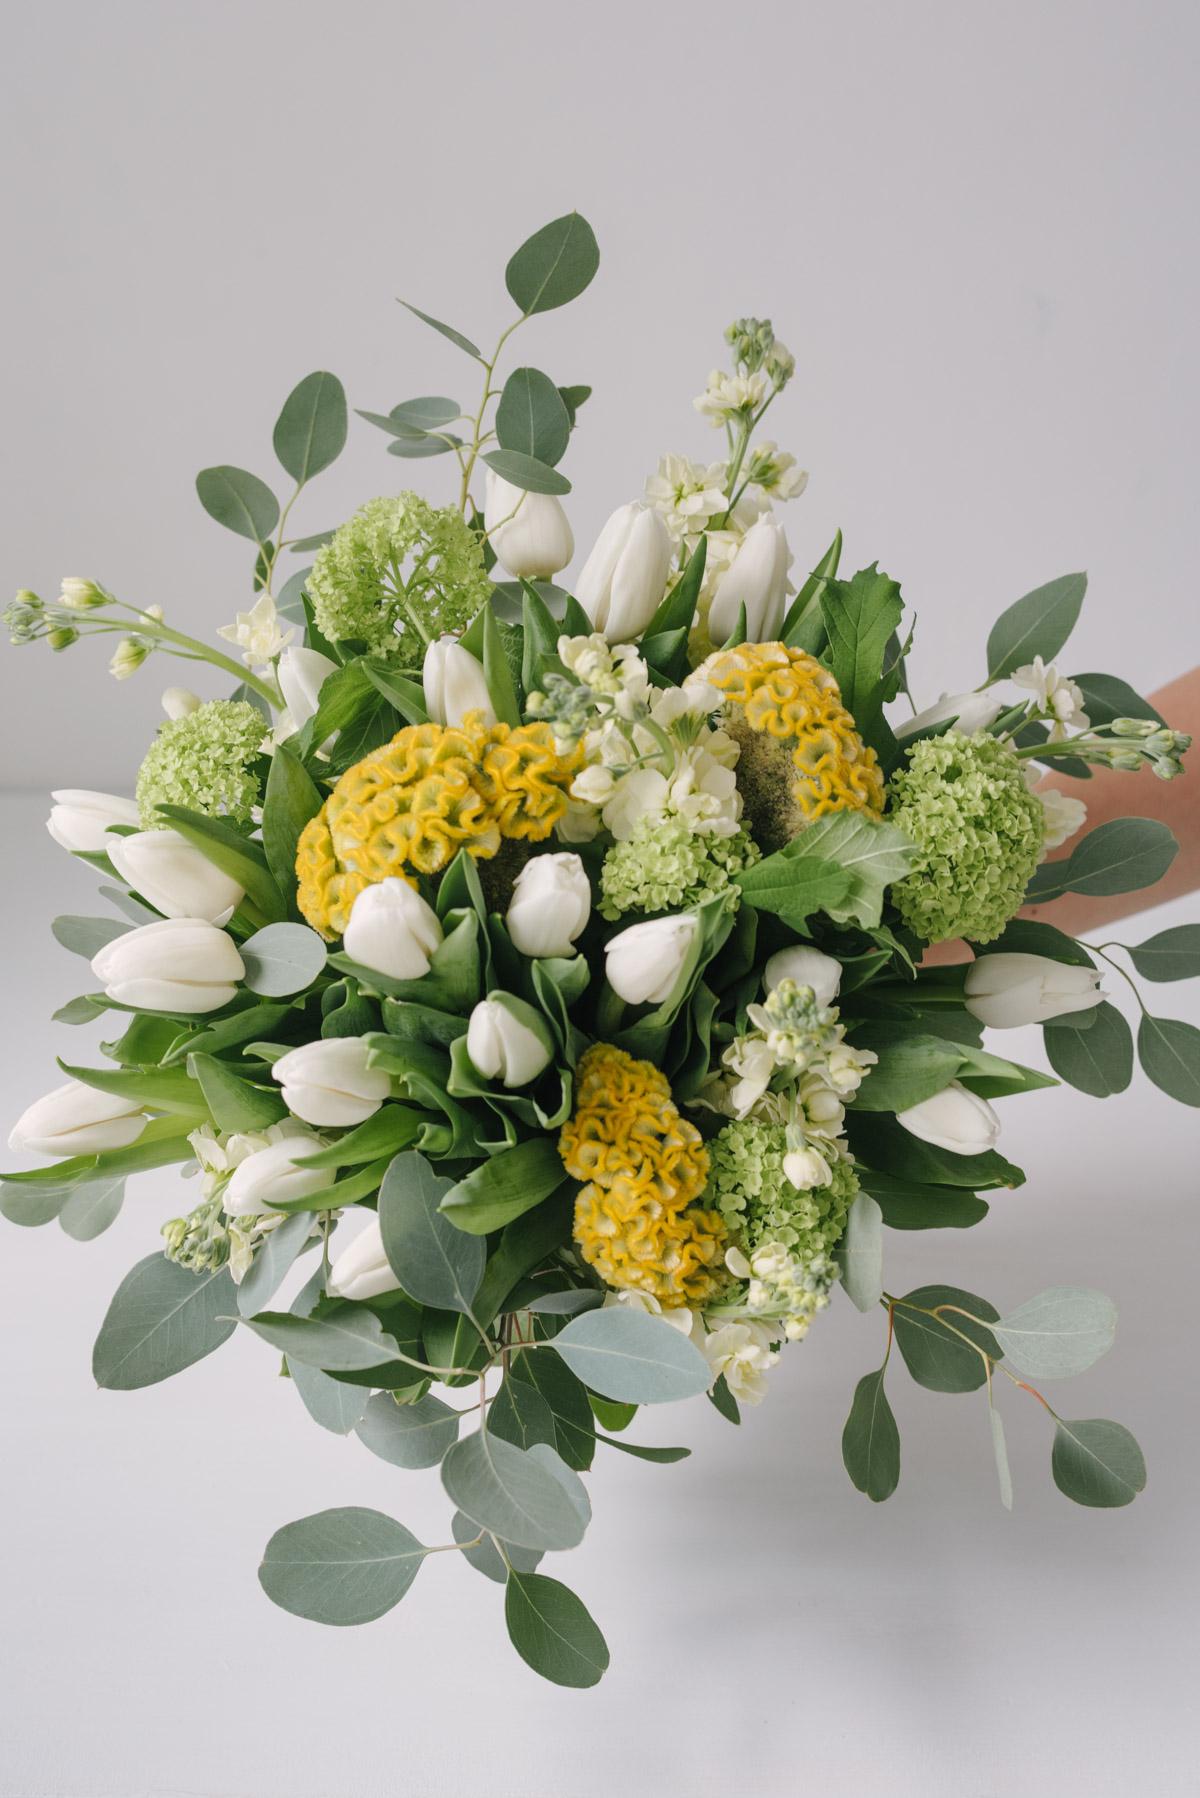 Buchet diafan din lalele albe, viburnum, celosia, mathiola si eucalipt. O compoziție florala ce exprima delicatețe, respect și prietenie. Cand dorești sa surprinzi pe cineva si nu știi ce cromatica sa alegi, întotdeauna culorile blânde vor fi alegerea perfecta. Comanda acest buchet prin intermediul florăriei noastre si incanta- i în mod plăcut destinatara.